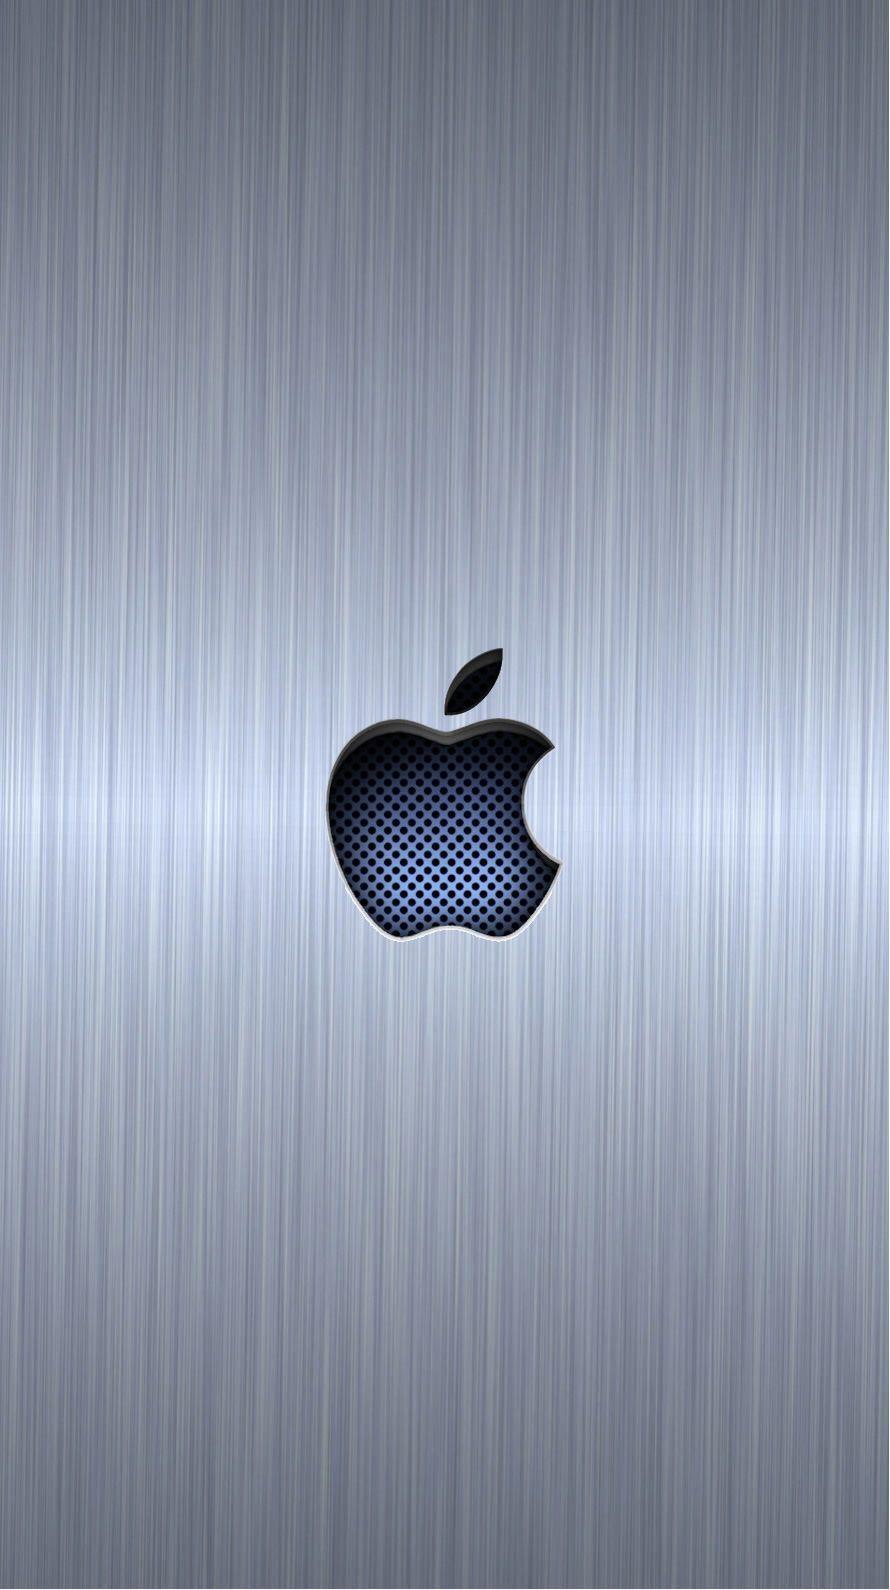 Iphone 6 Parallax Taustakuva Omena Iphone Wallpaper Logo Apple Wallpaper Apple Wallpaper Iphone